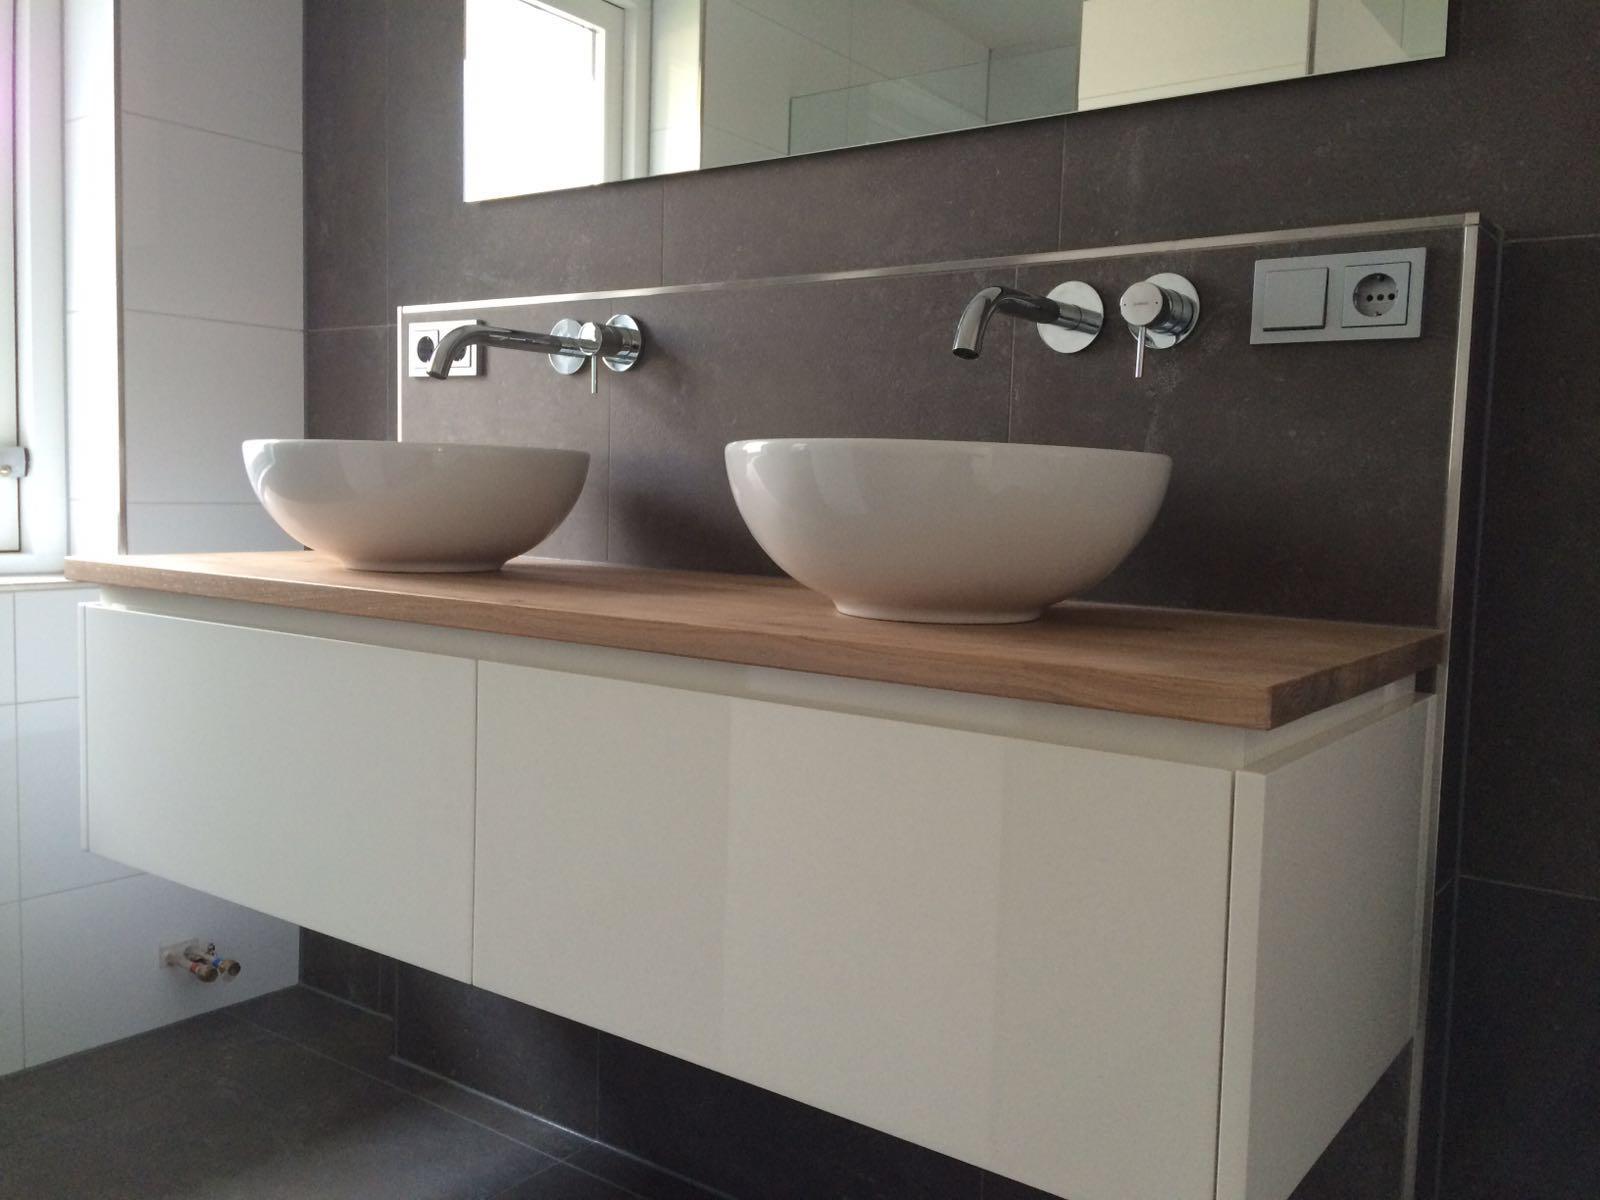 Metalen planken kast - Badkamer meubels ...